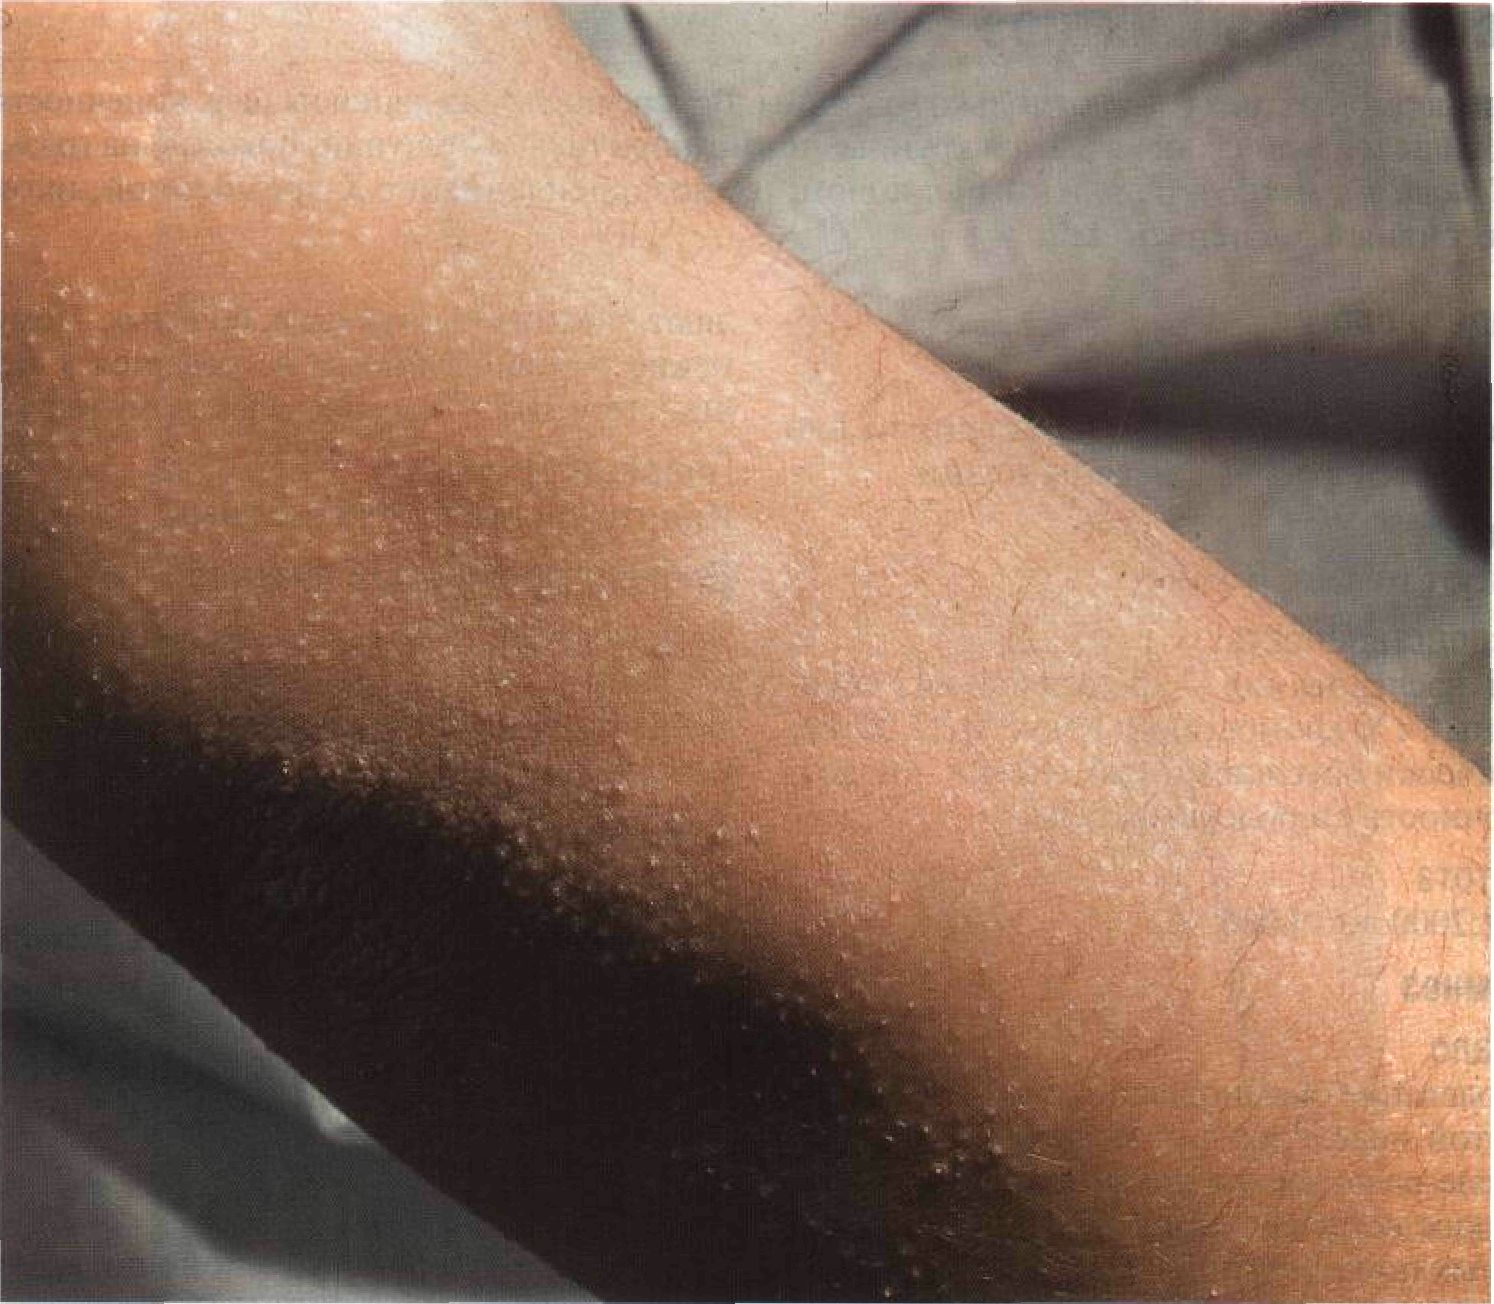 Фолликулярный гиперкератоз: избавляемся от гусиной кожи на теле